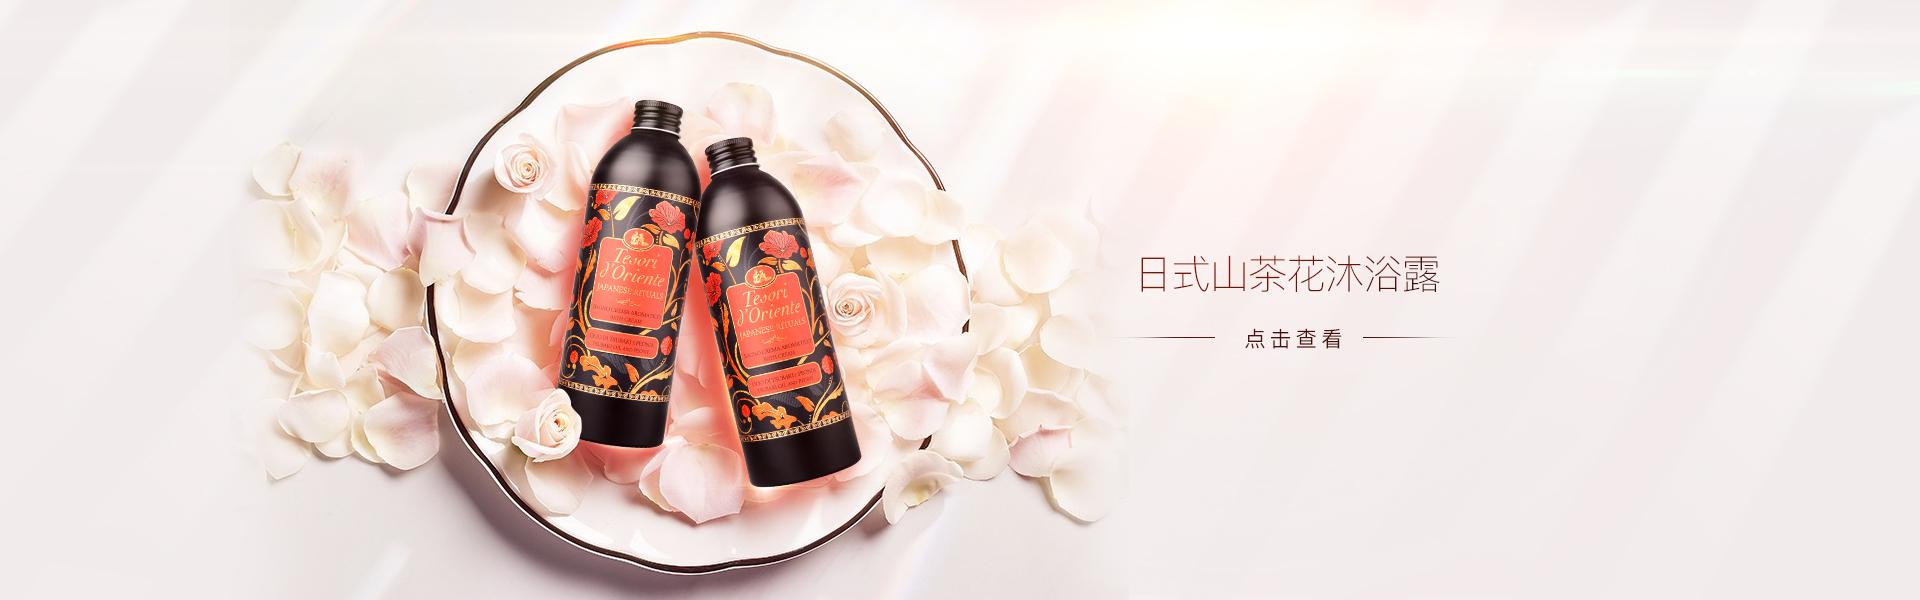 东方宝石沐浴露和身体乳相关产品图之日式山茶花沐浴露介绍